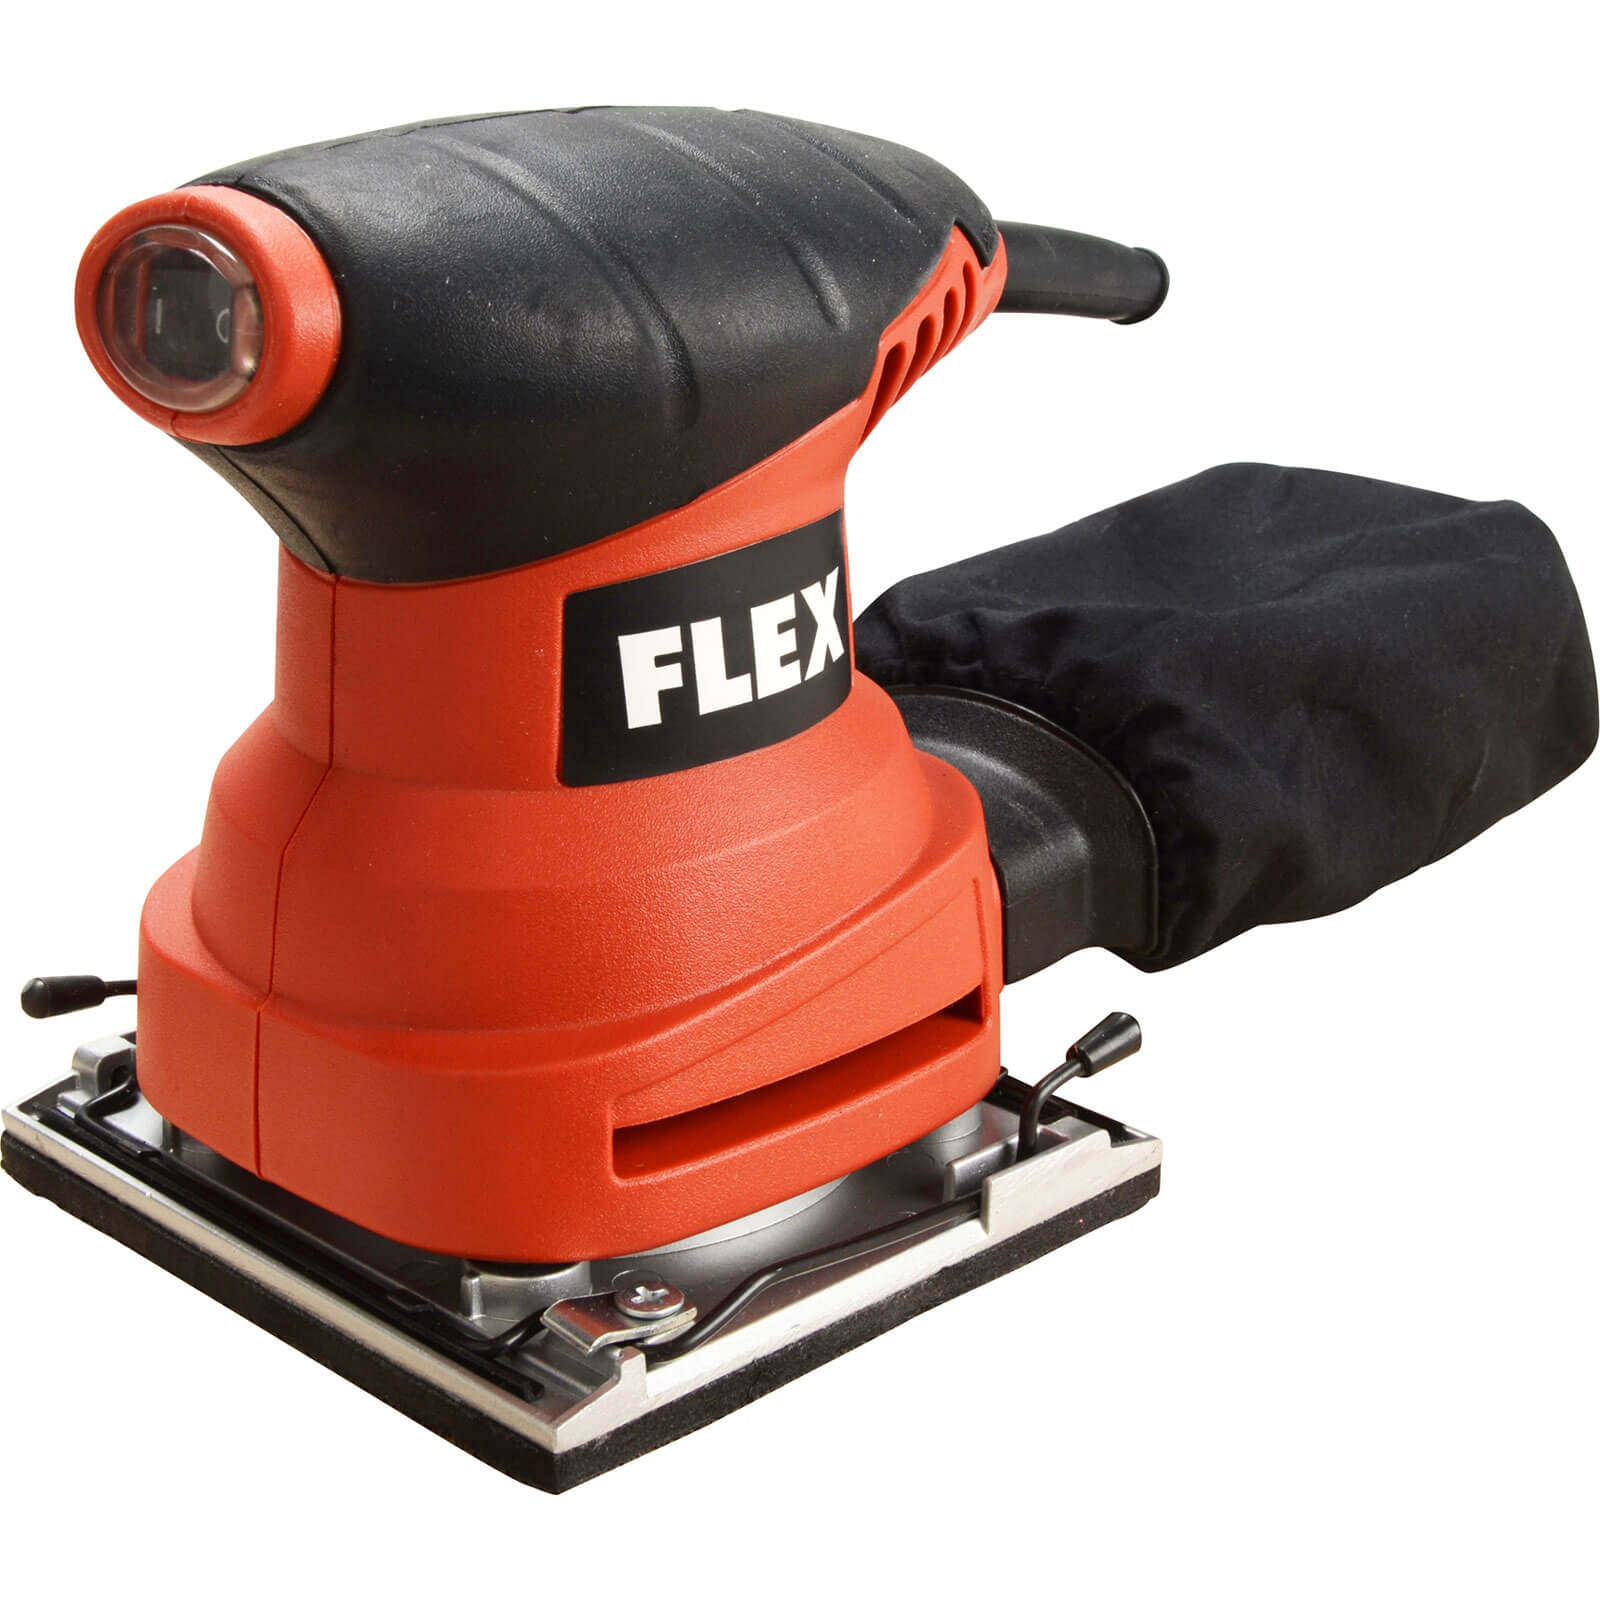 Image of Flex MS 713 Palm Sander 240v